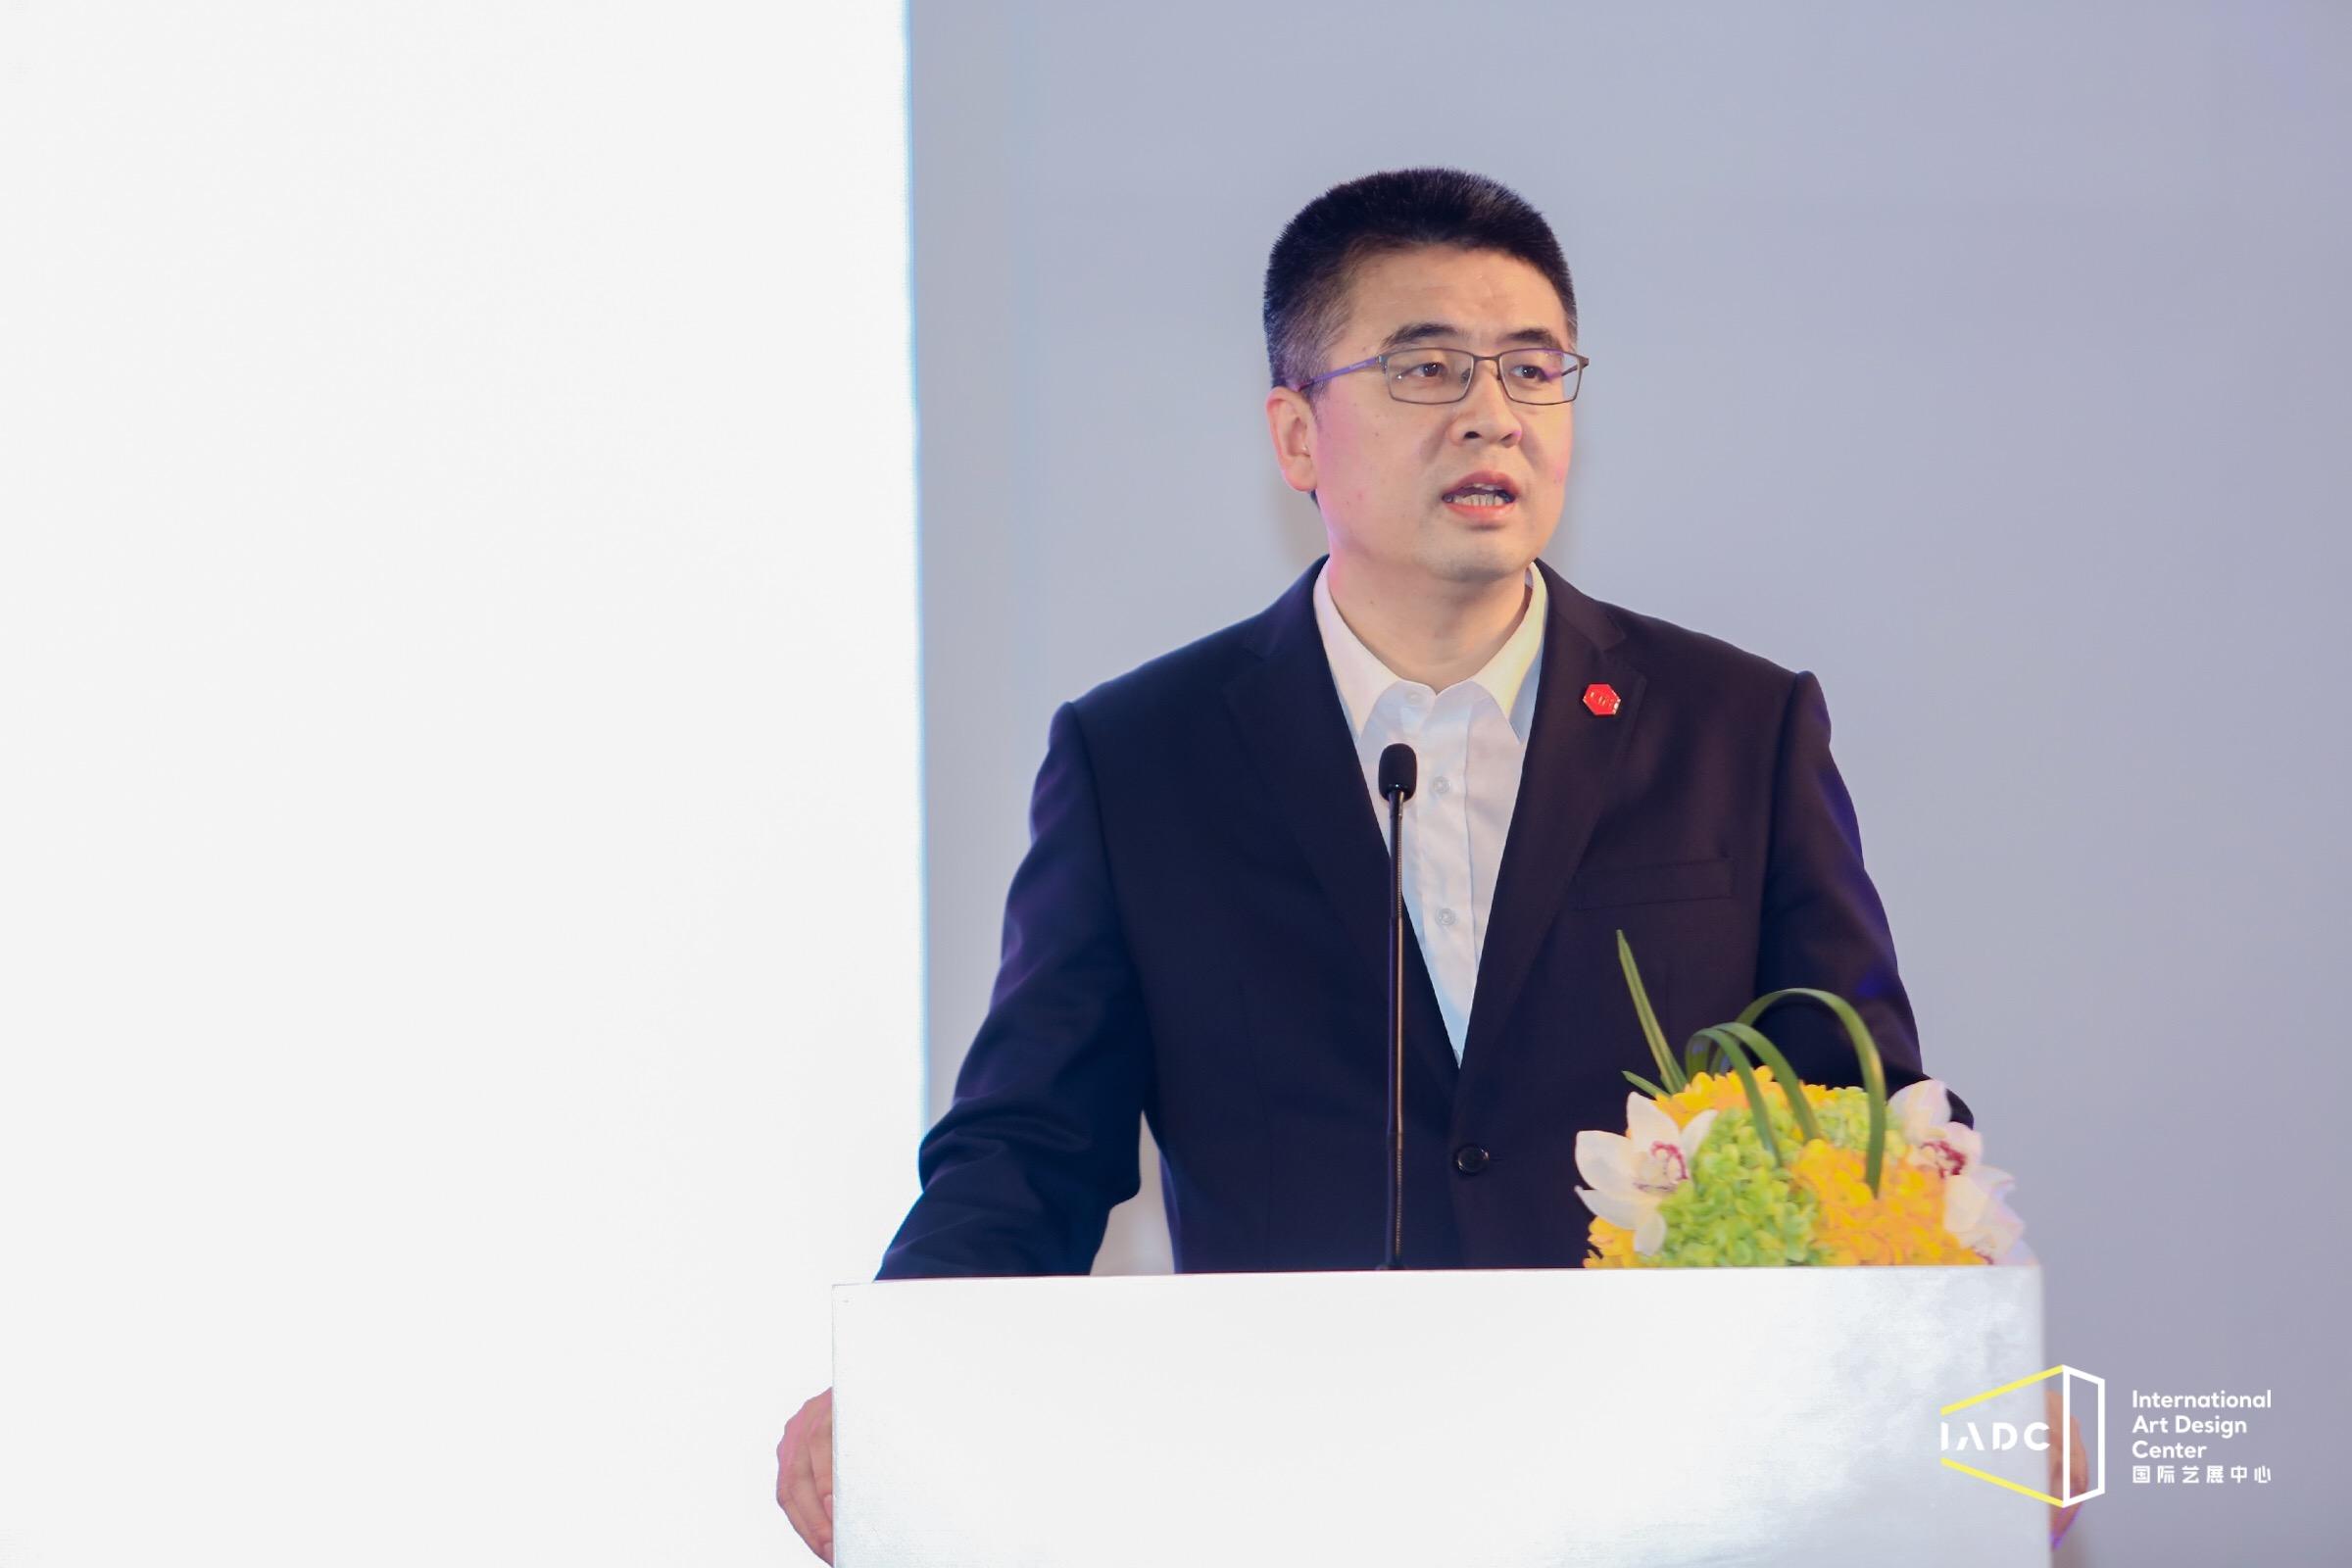 中国对外贸易广州展览总公司总经理刘晓敏致辞